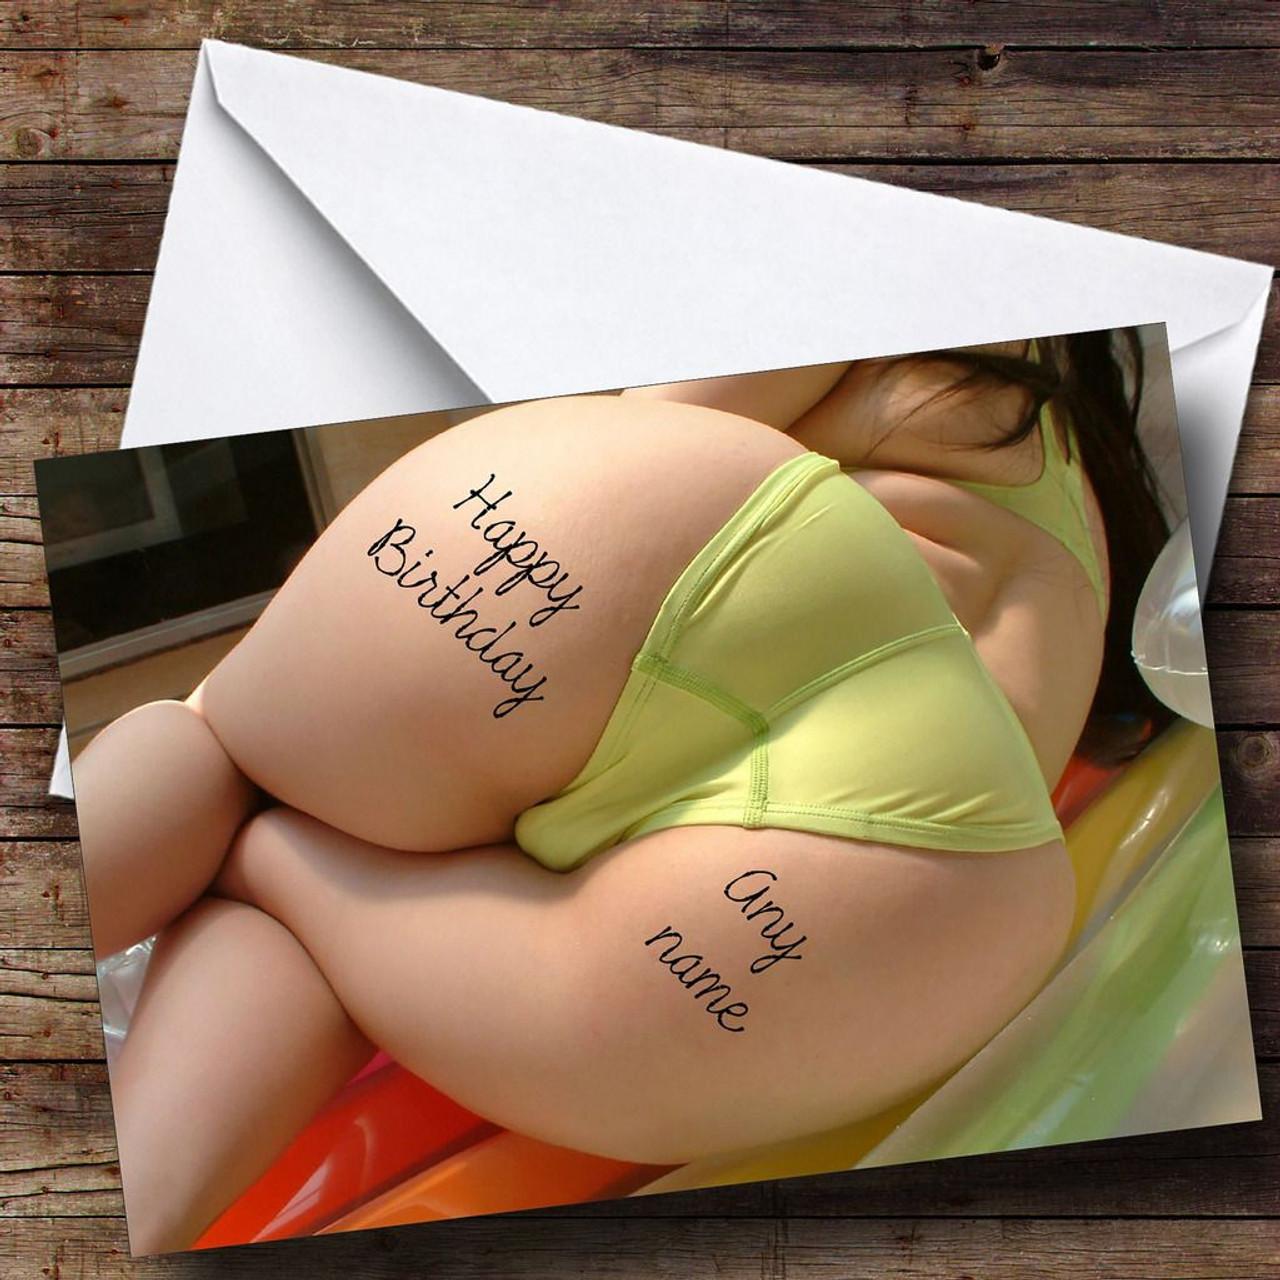 Big Boobs Personalised Birthday Greetings Card